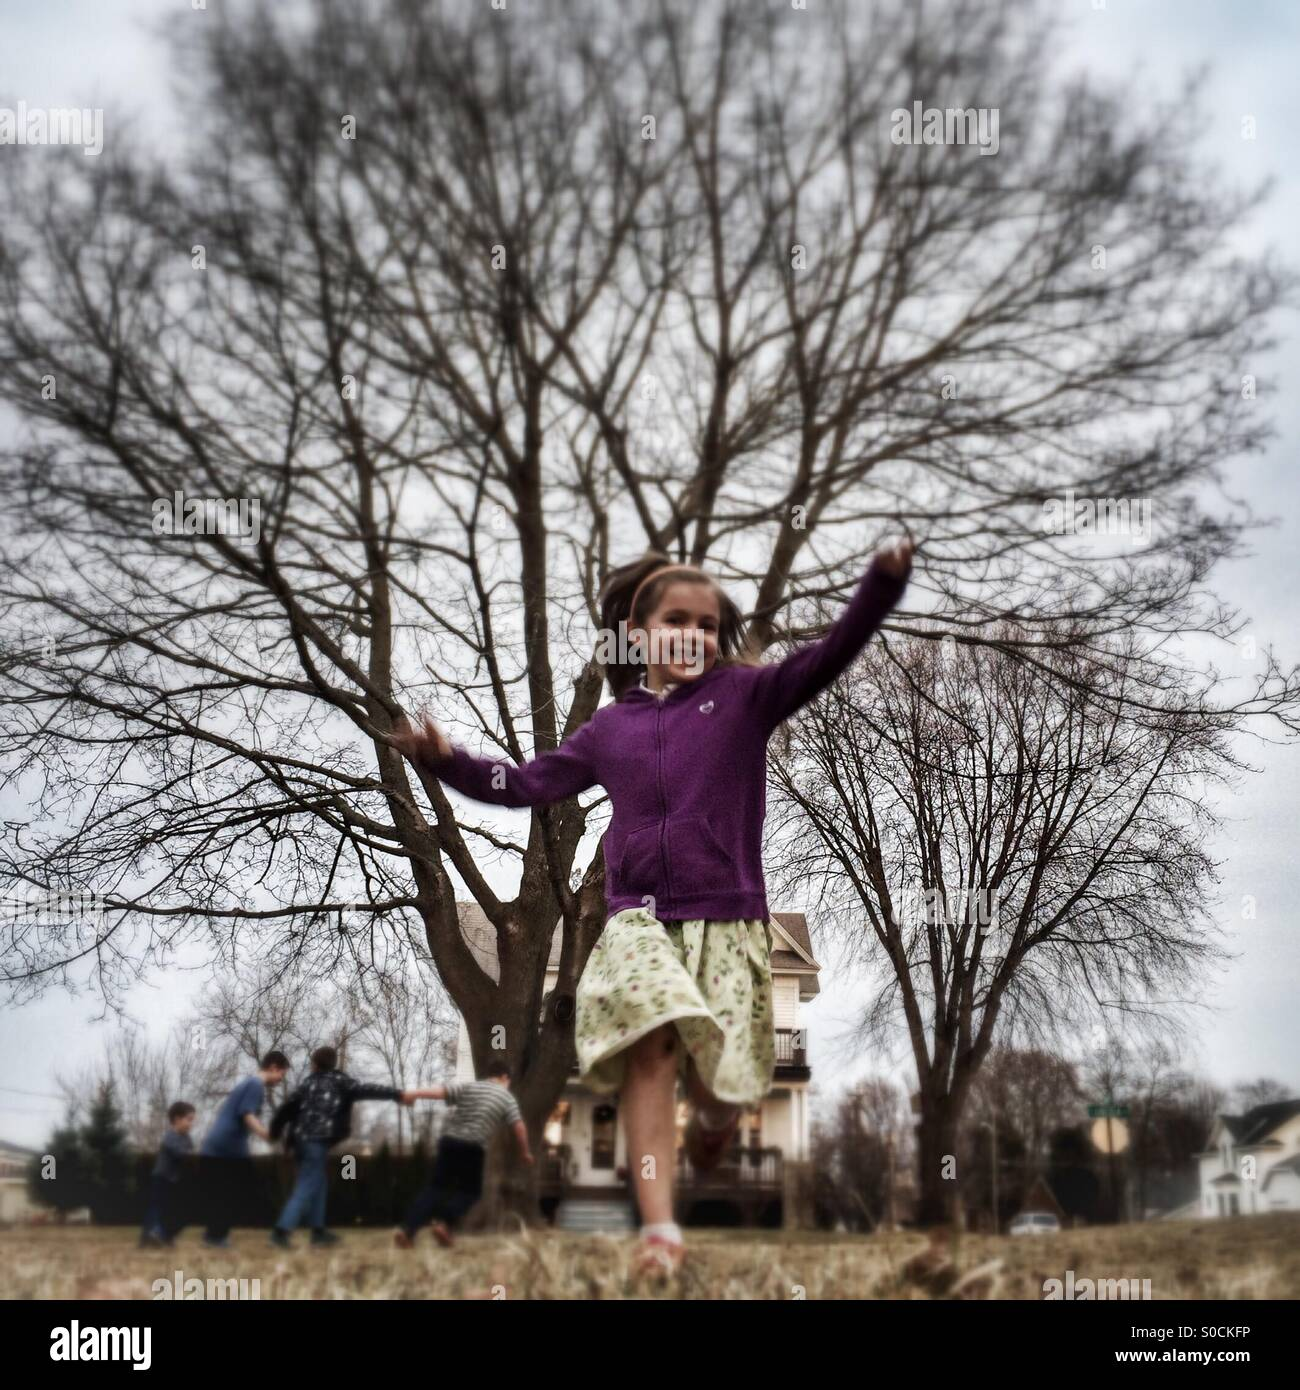 Smiling girl qui traverse la cour, avec les enfants jouant derrière elle; printemps fun Photo Stock